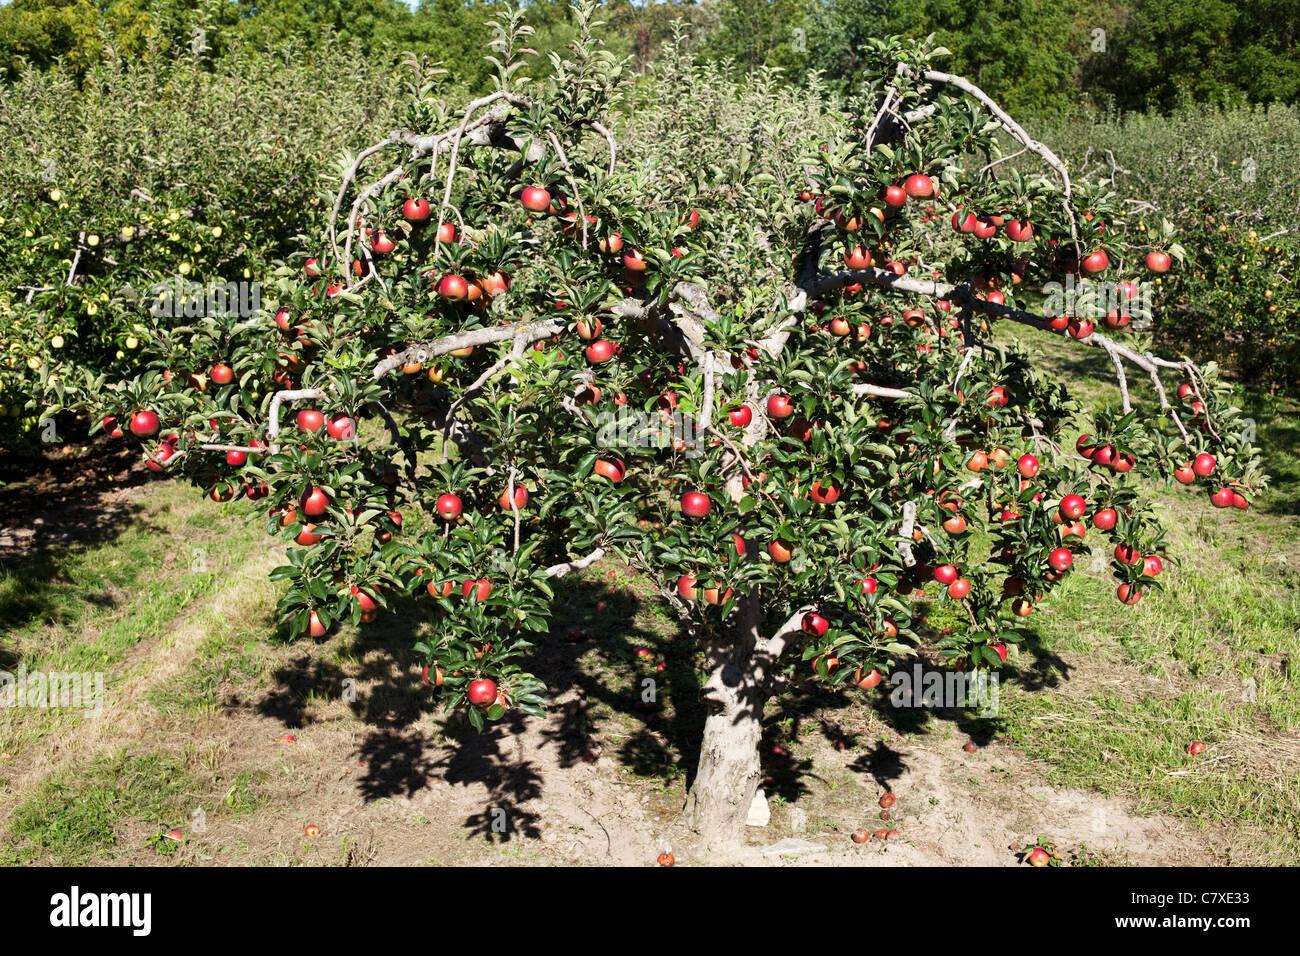 Kanada, Ontario, Vineland, Apfelbaum im Obstgarten mit reifen Äpfeln Stockbild